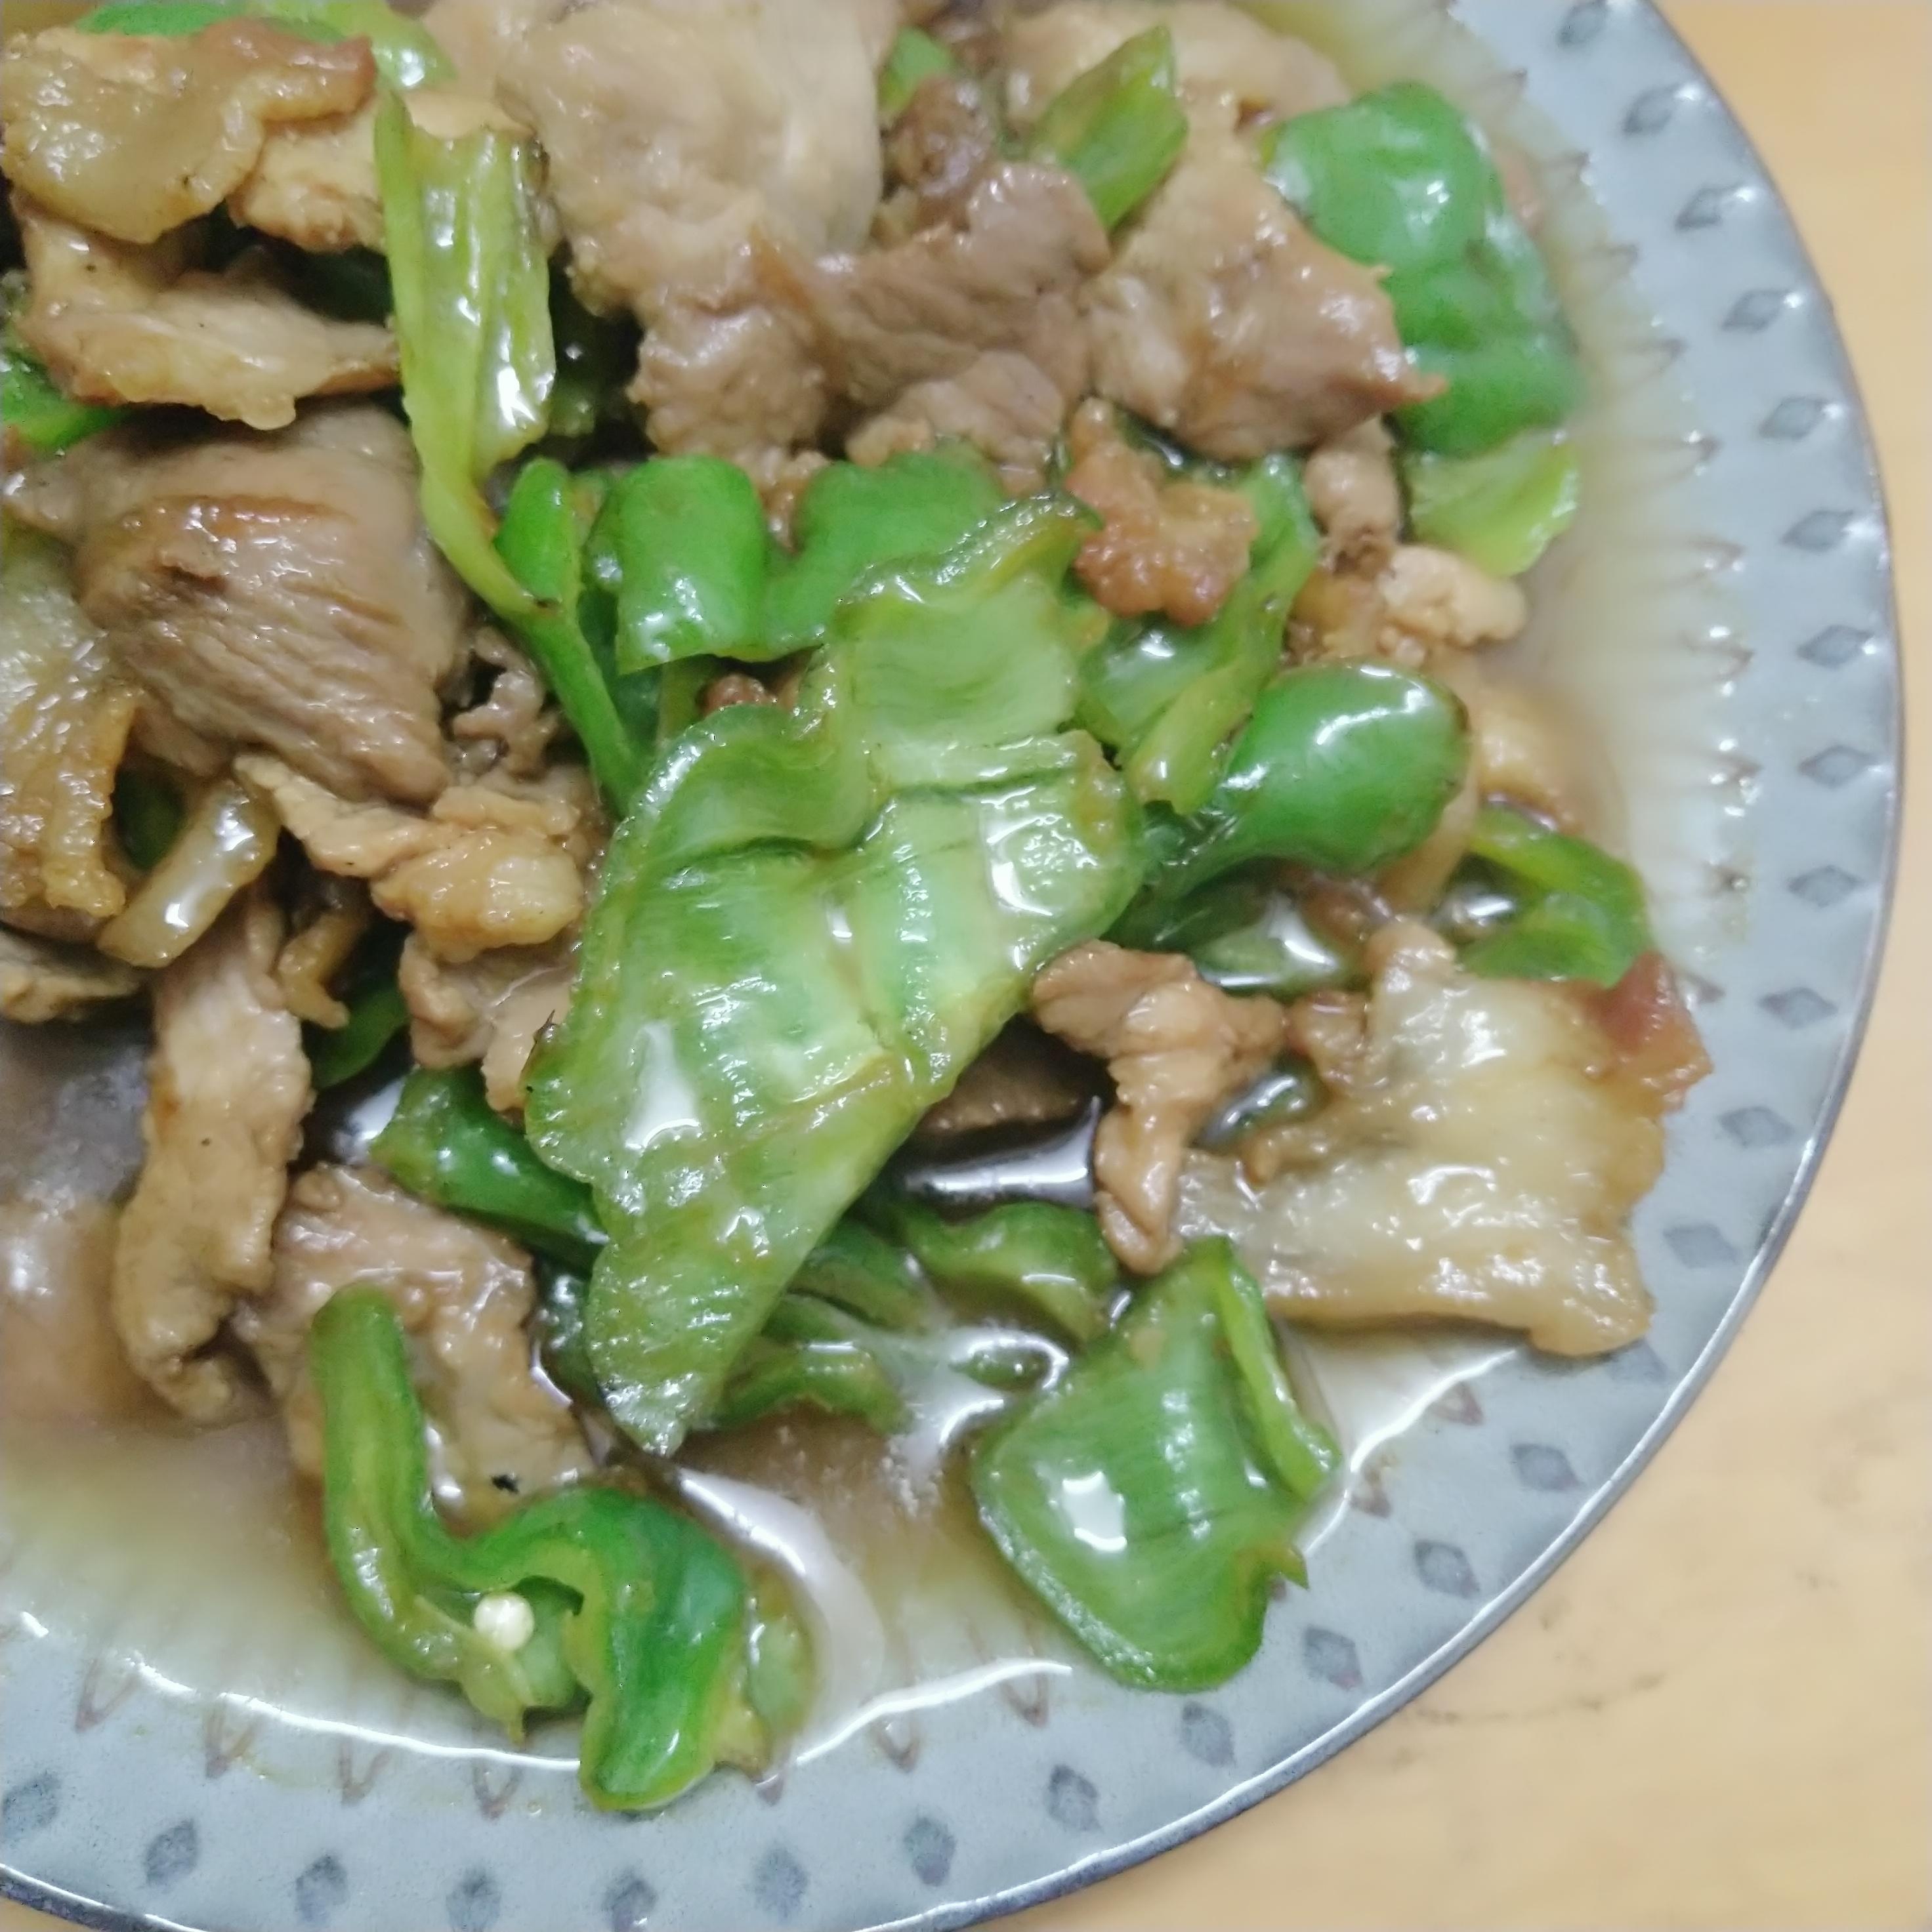 辣椒炒肉成品